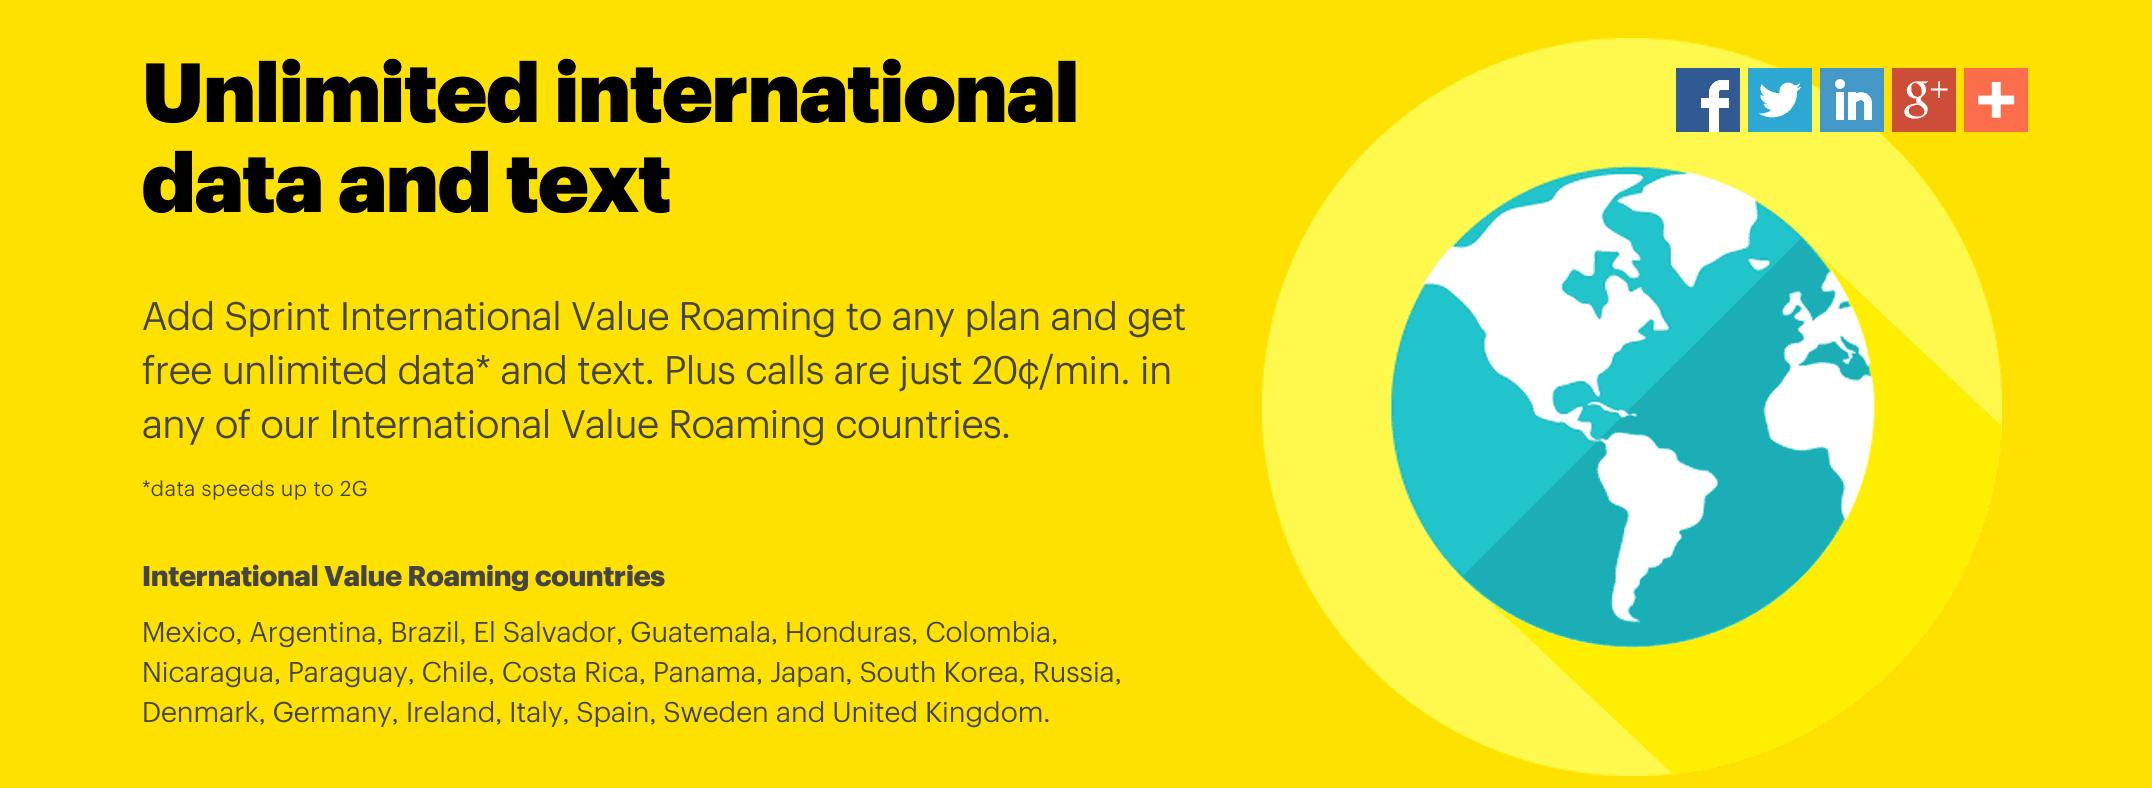 Sprint International Value Roaming_1